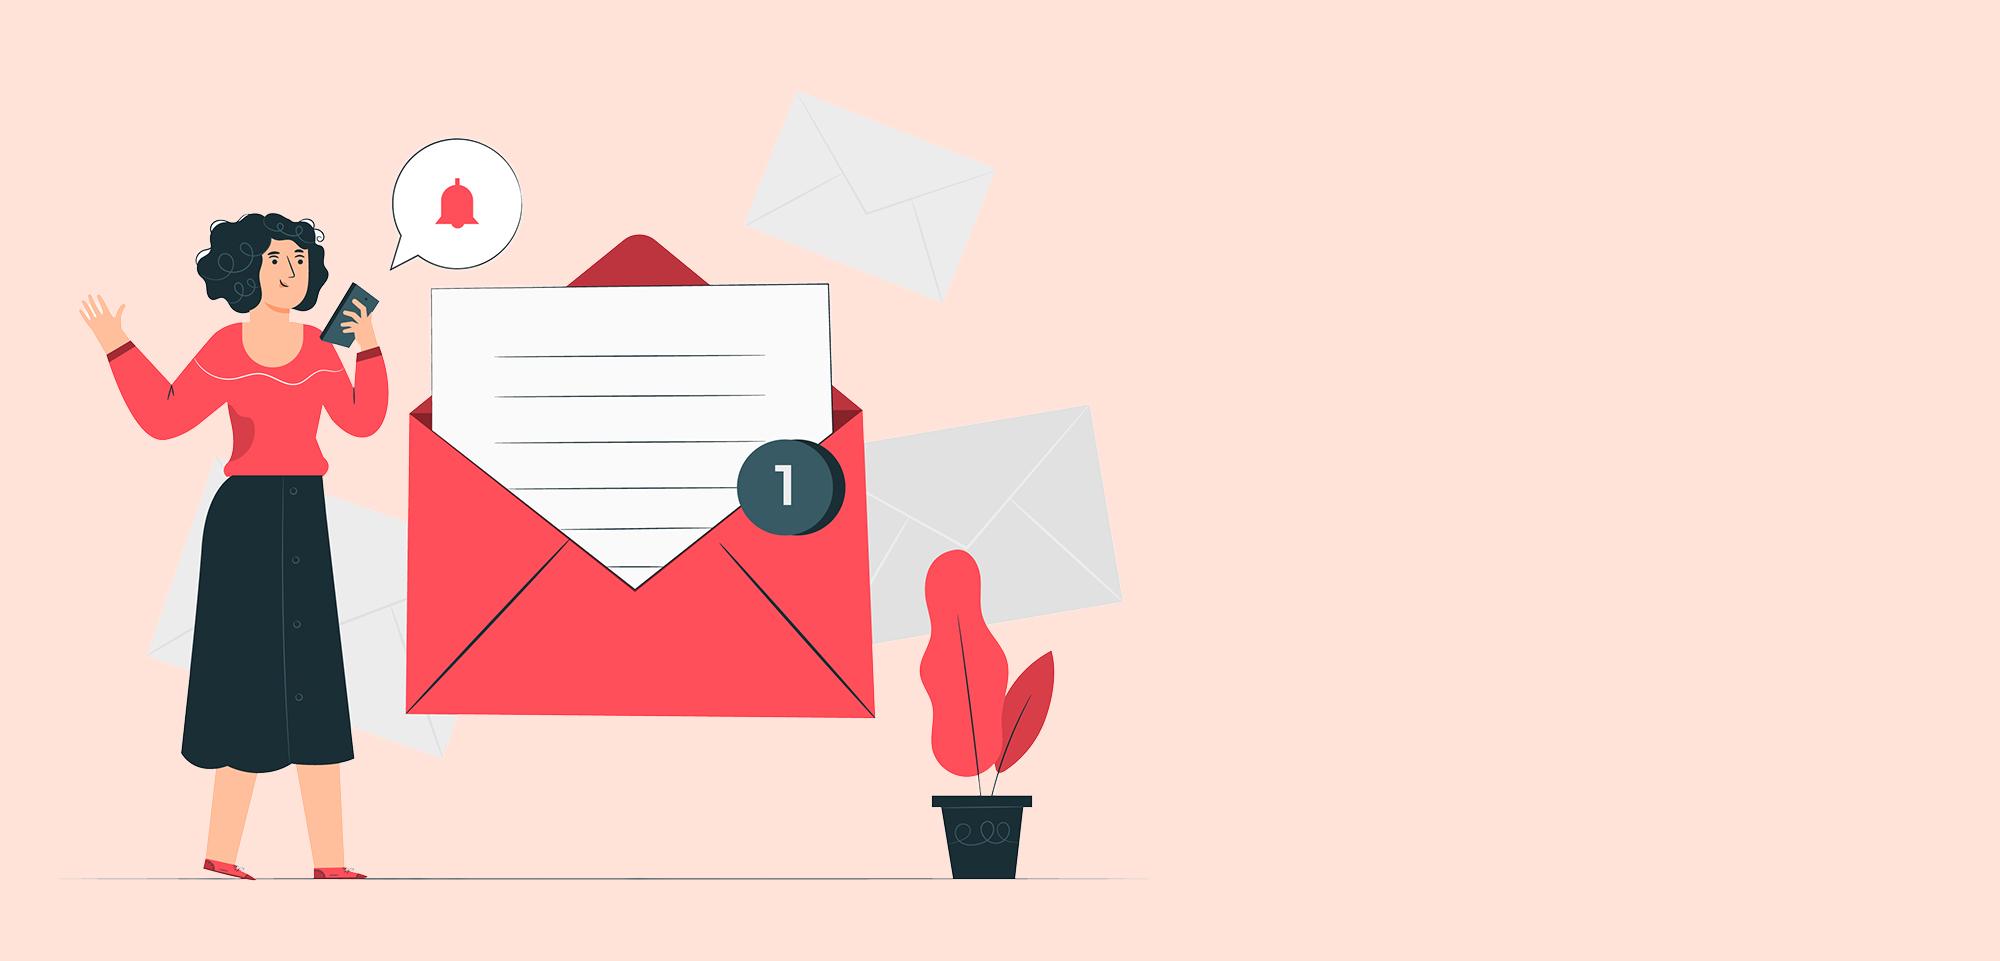 ارسال پیامک بر اساس کدپستی ، تبلیغ در مناطق مختلف